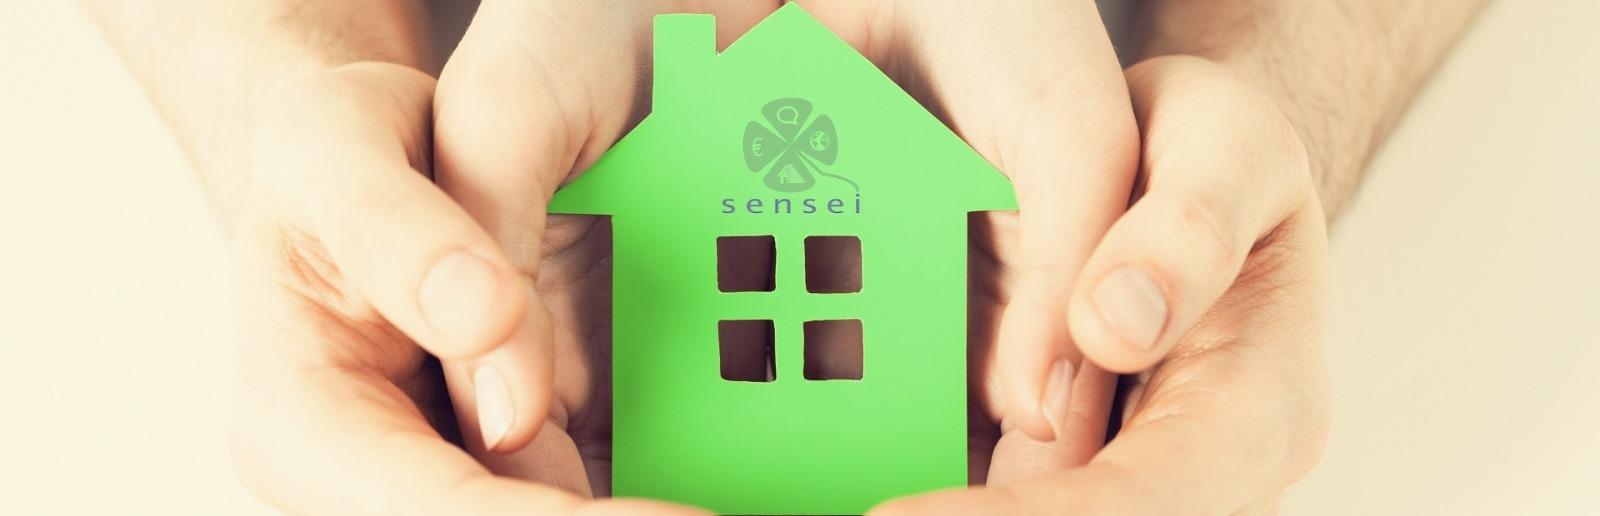 SENSEI project